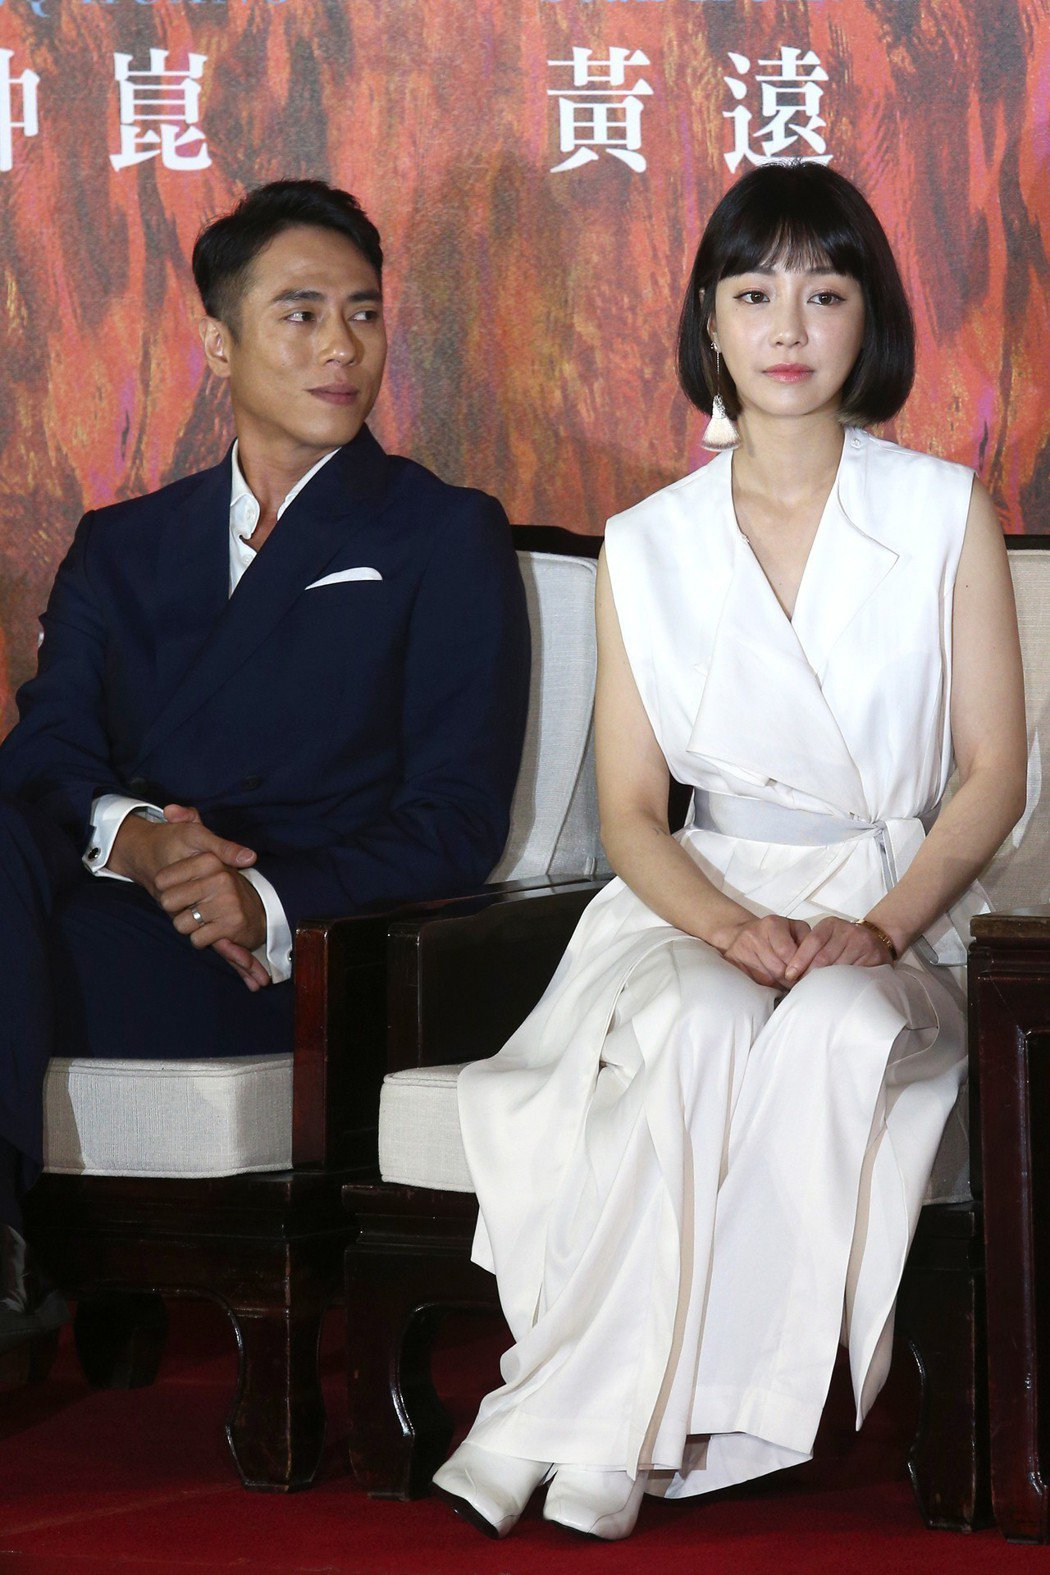 演員莊凱勛(左)與謝欣穎一起出席「亡命之途」開鏡記者會。記者蘇健忠/攝影